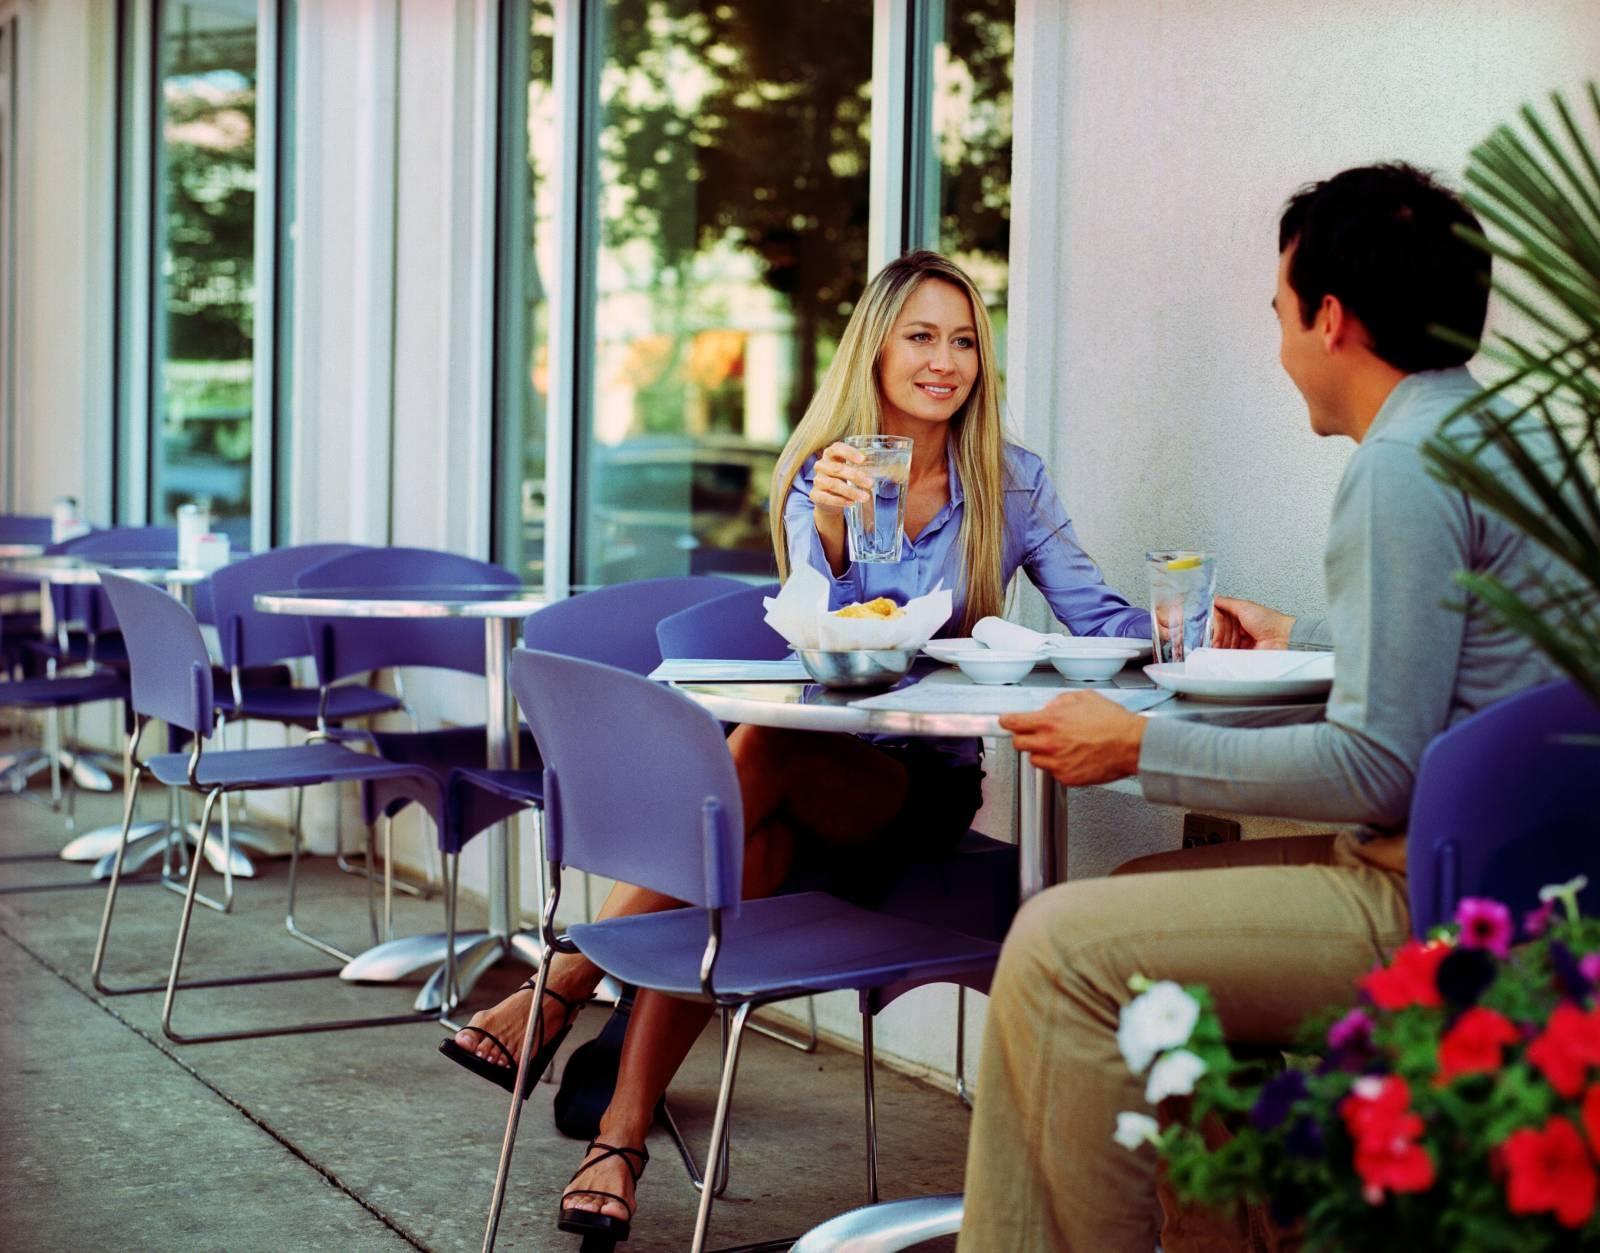 сидим в кафе картинки представим вам варианты